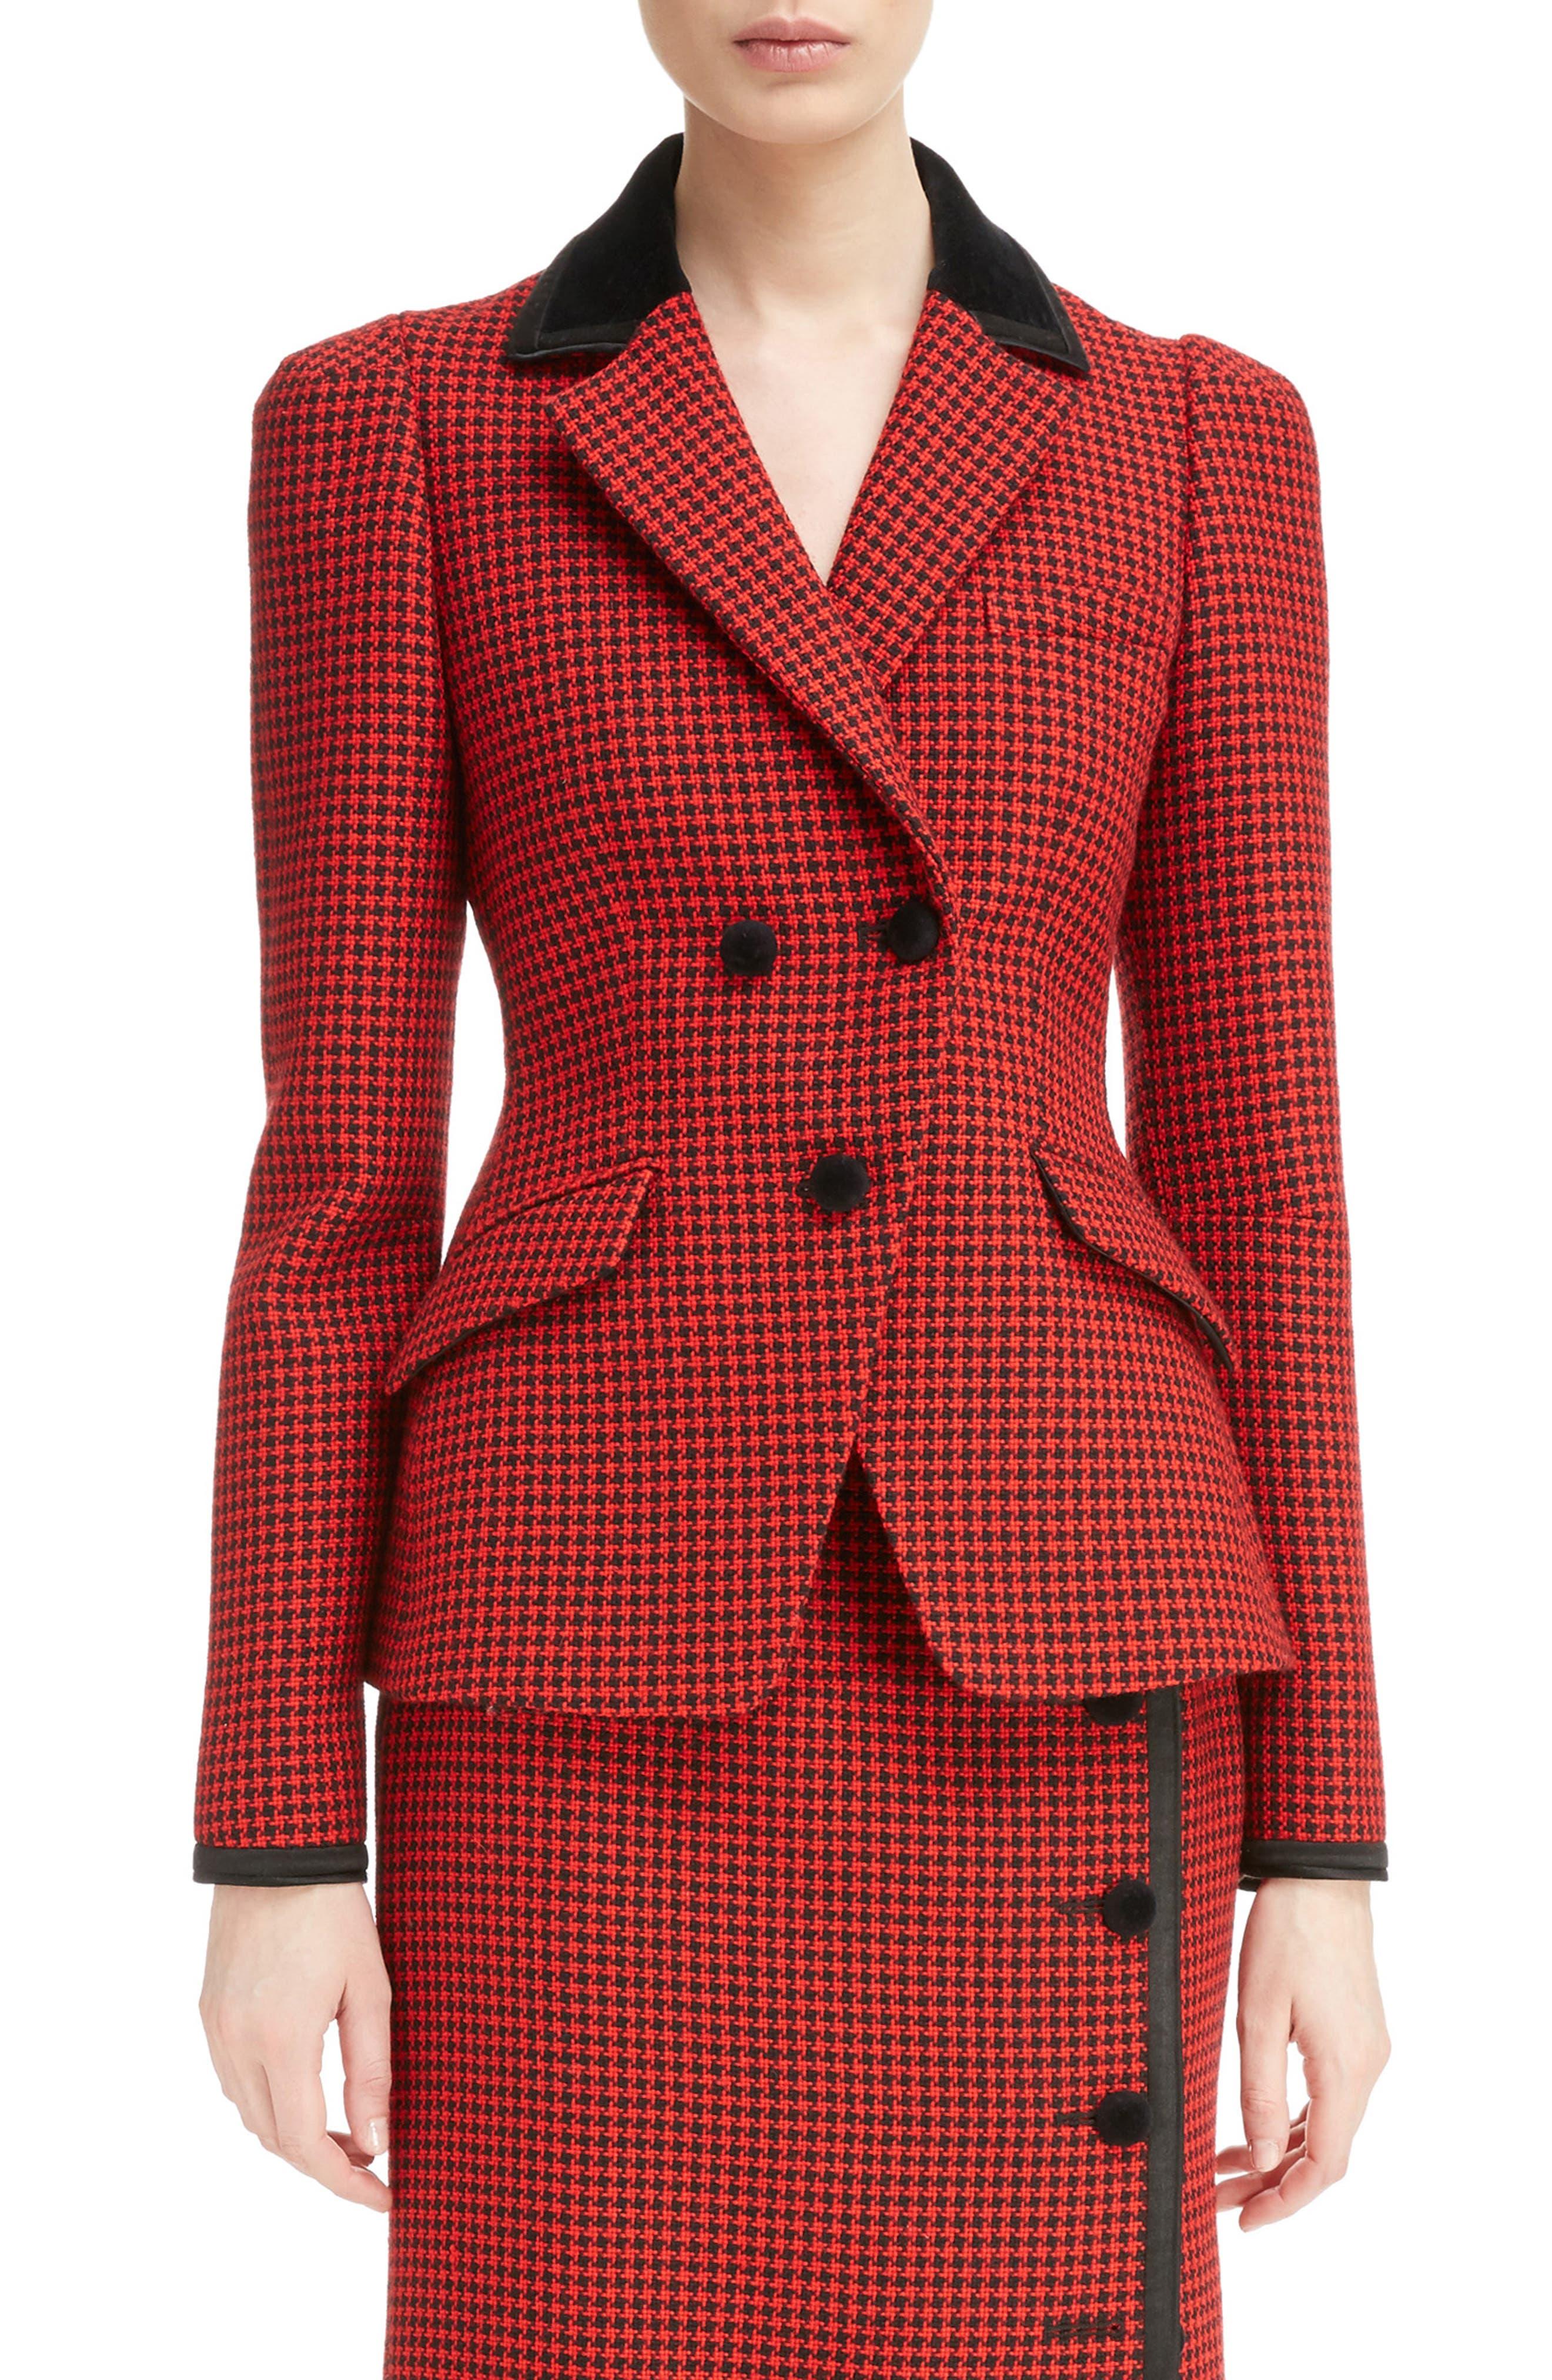 Paladini Houndstooth Wool Jacket,                             Main thumbnail 1, color,                             Scarlet/ Black